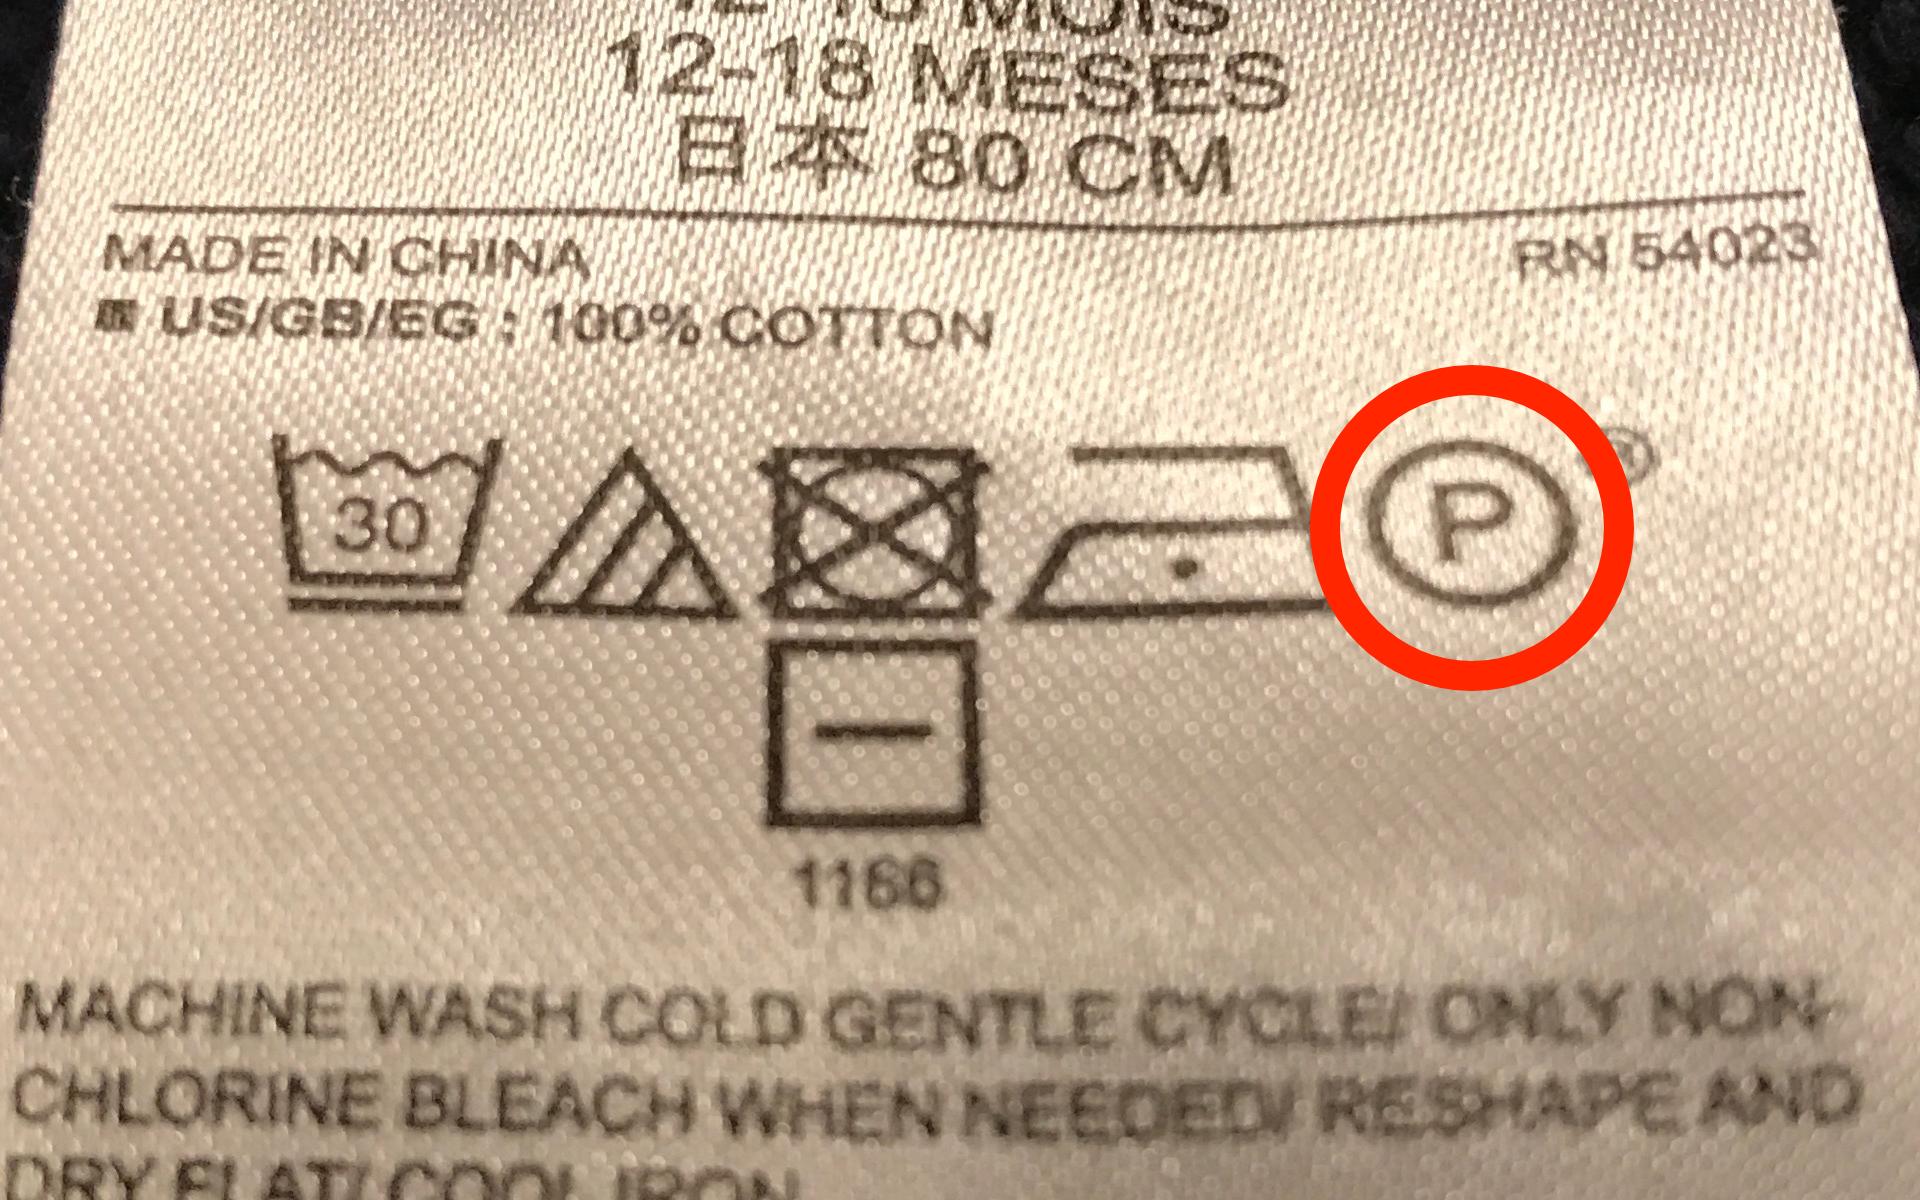 51e83a861860a ... はクリーニング屋さんへ向けた表示です。家庭で洗濯するときにはここがどういう表示になっていてもほとんど関係がありませんから、無視し てもらっていいでしょう。